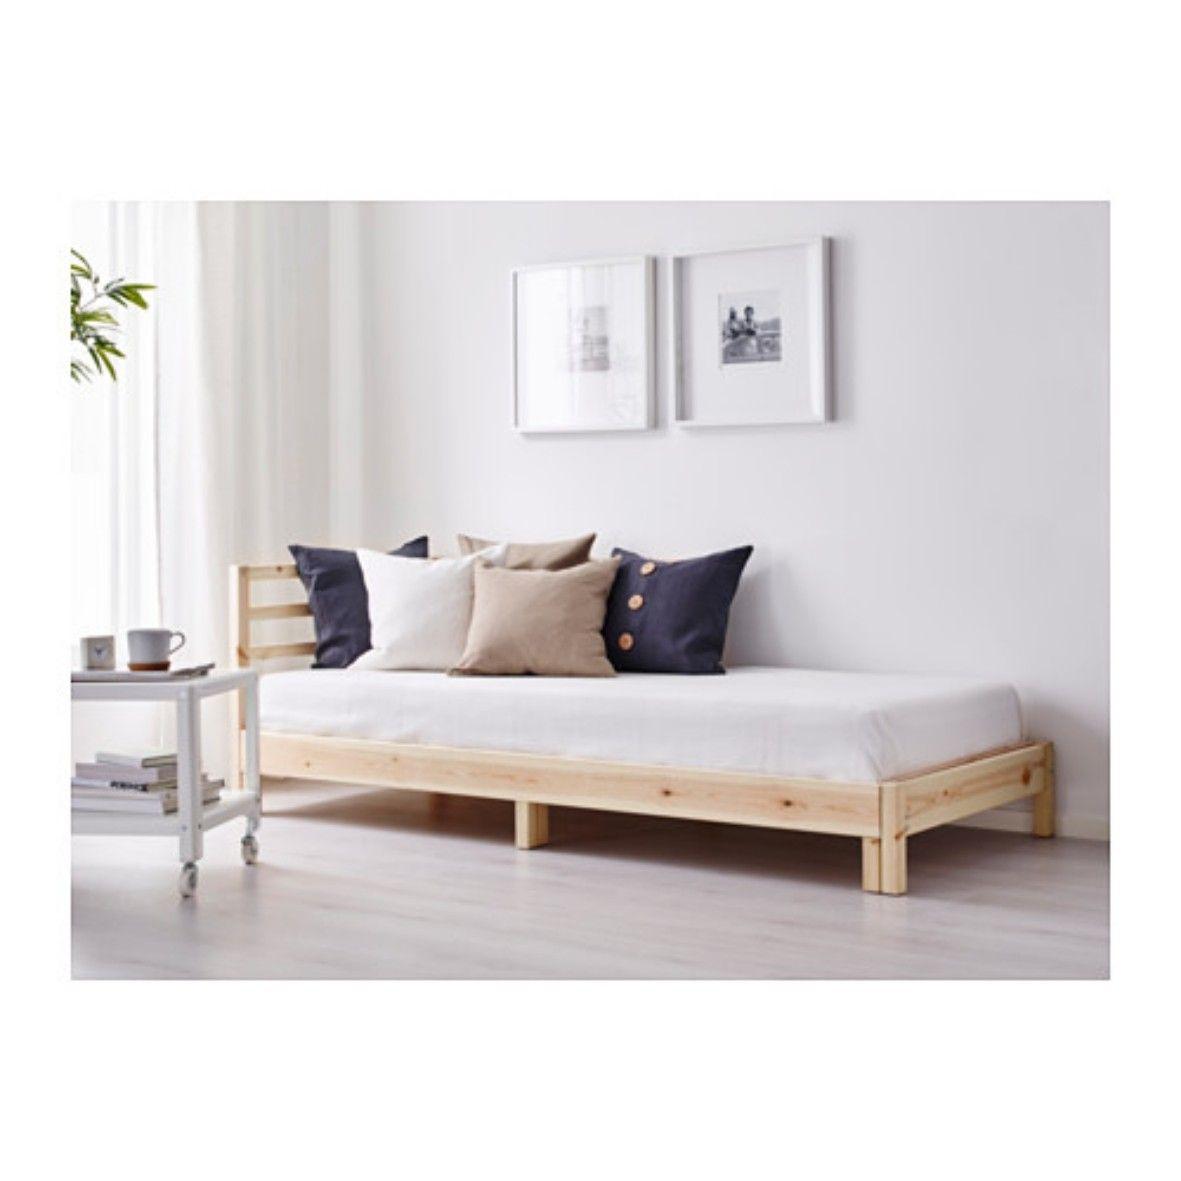 Ikea Tarva Bett Schlafsofa 149 Eur Holz Wohnung Mobel Murphy Bett Ikea Wohnzimmermobel